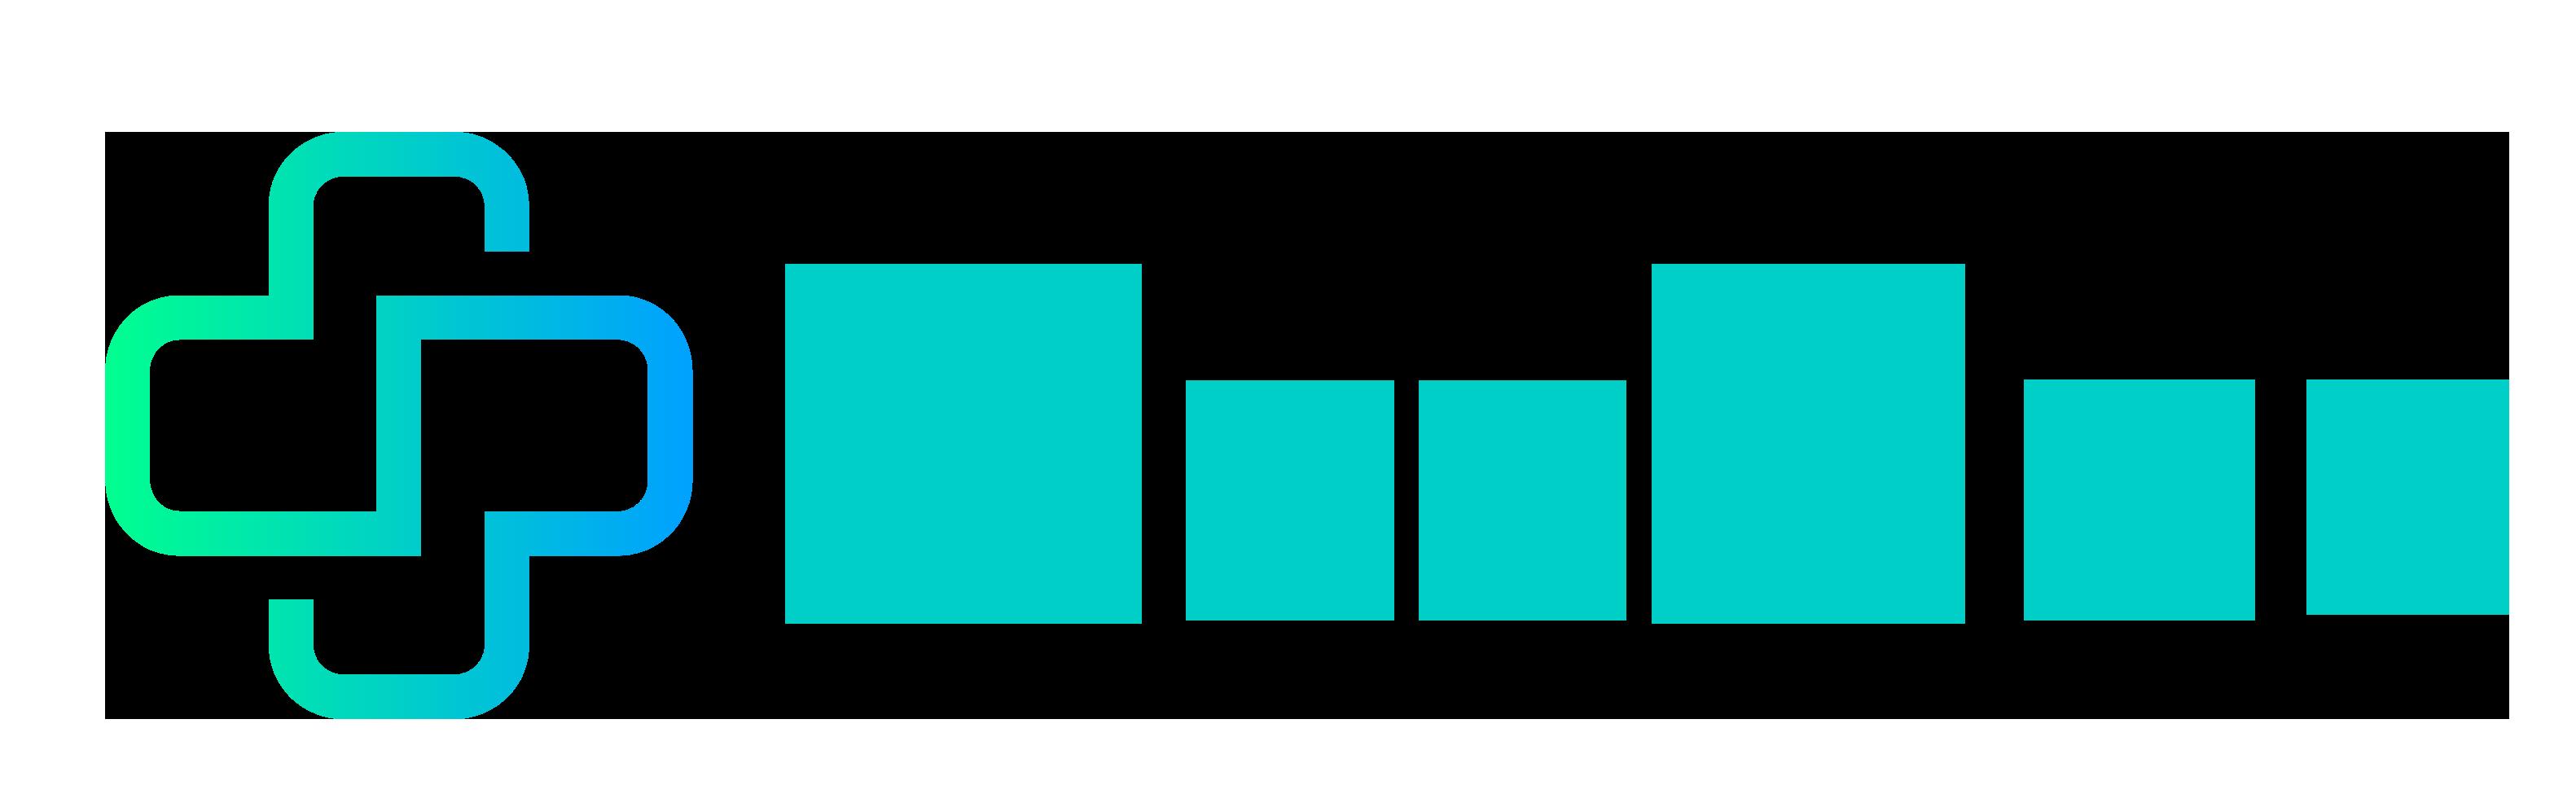 OccGen - web design